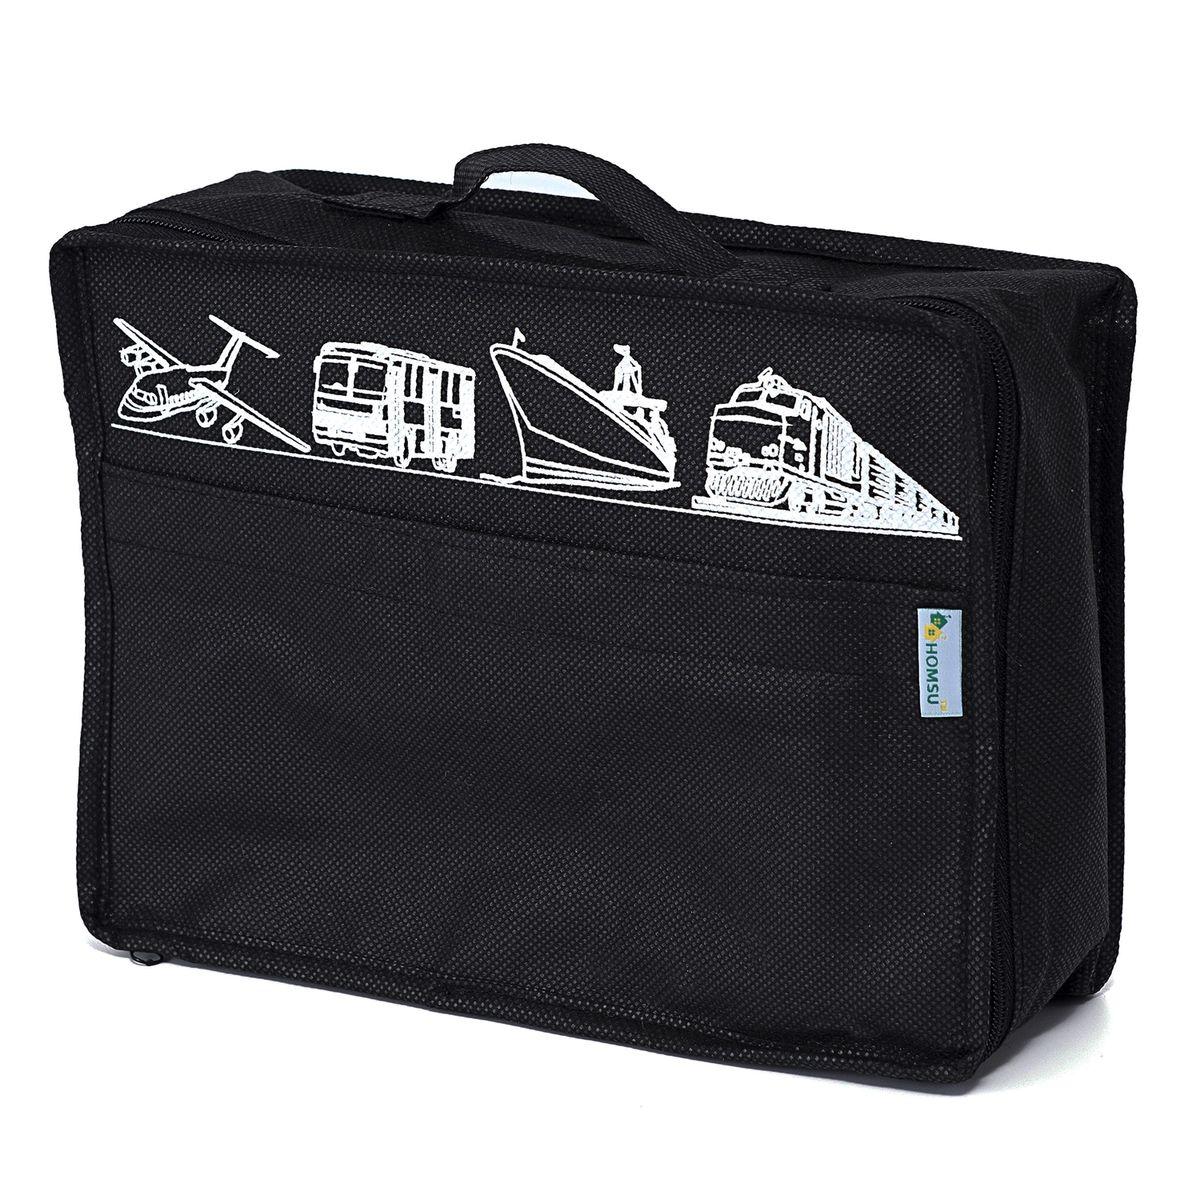 Сумка для багажа Homsu Men in Black, 28 х 20 х 9 смHOM-653Сумка для багажа Homsu Men in Black выполнена из спанбонда и картона. Вместе с оригинальным современным дизайном такая сумка для багажа принесёт также очень существенную практическую пользу в любом путешествии. Благодаря ей вы сможете распределить все вещи, которые возьмёте с собой, таким образом, что всегда будете иметь быстрый доступ к ним, и при этом надёжно защитить от пыли, грязи, влажности или механических повреждений.